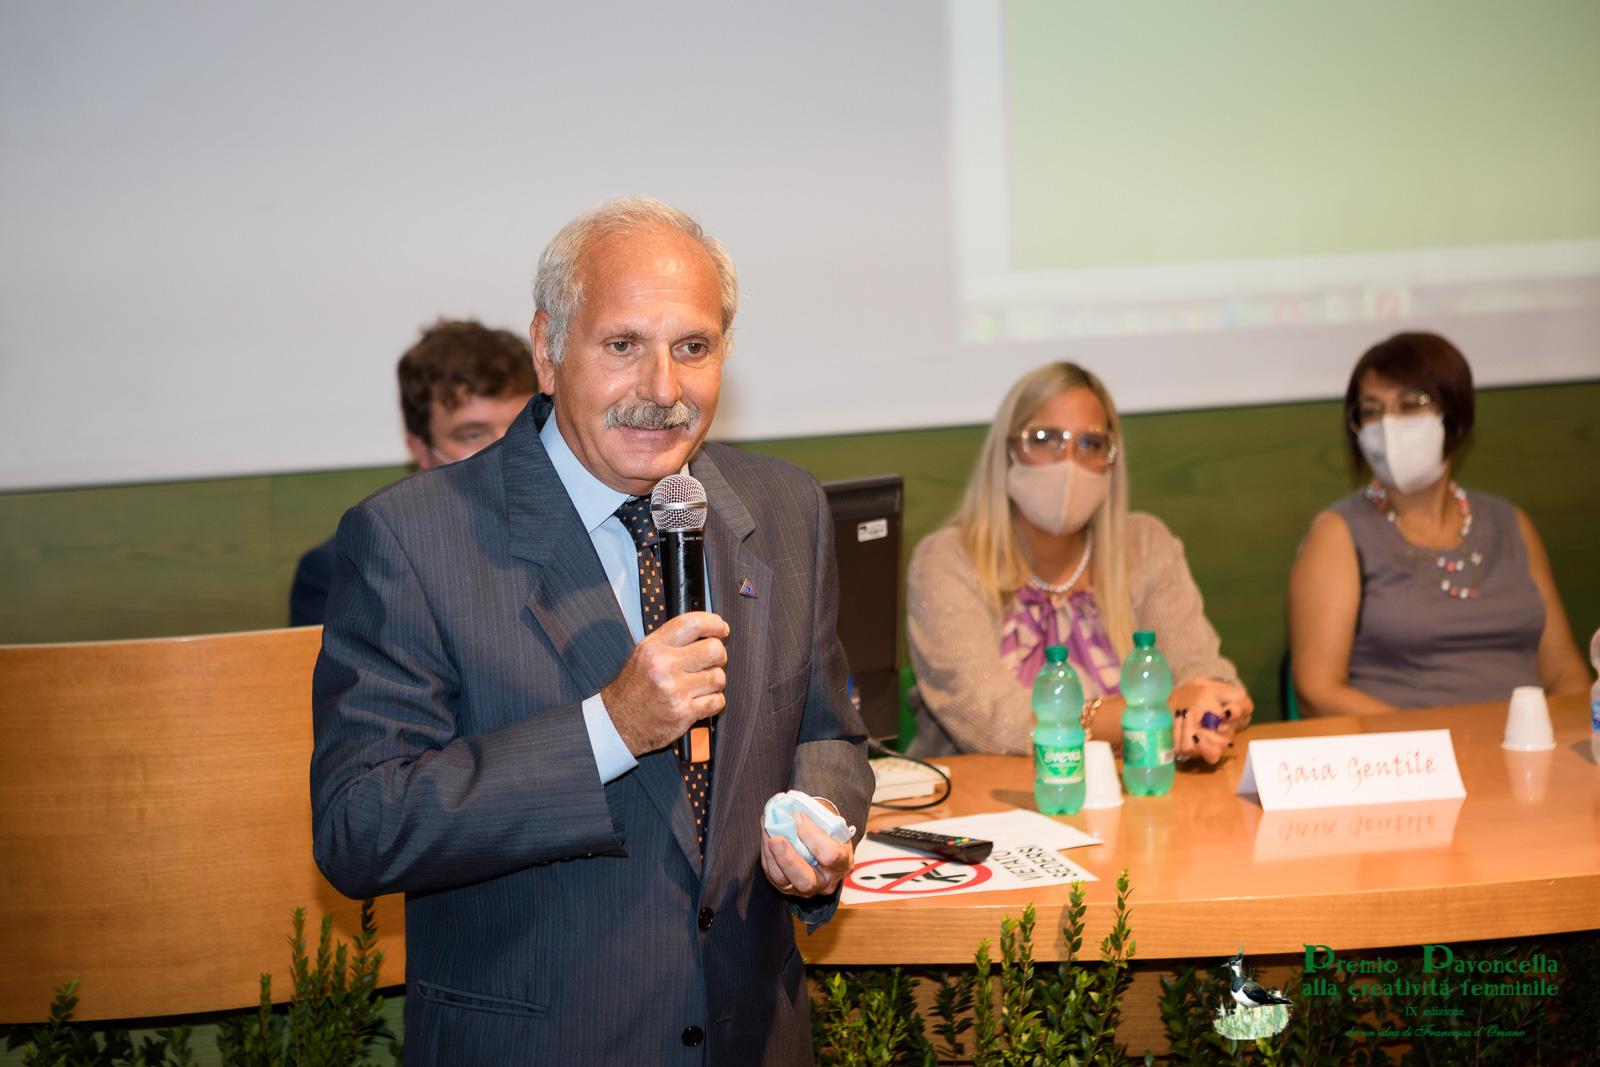 Il saluto del Presidente dell'Ente Parco Nazionale del Circeo, gen. Antonio Ricciardi, ai presenti